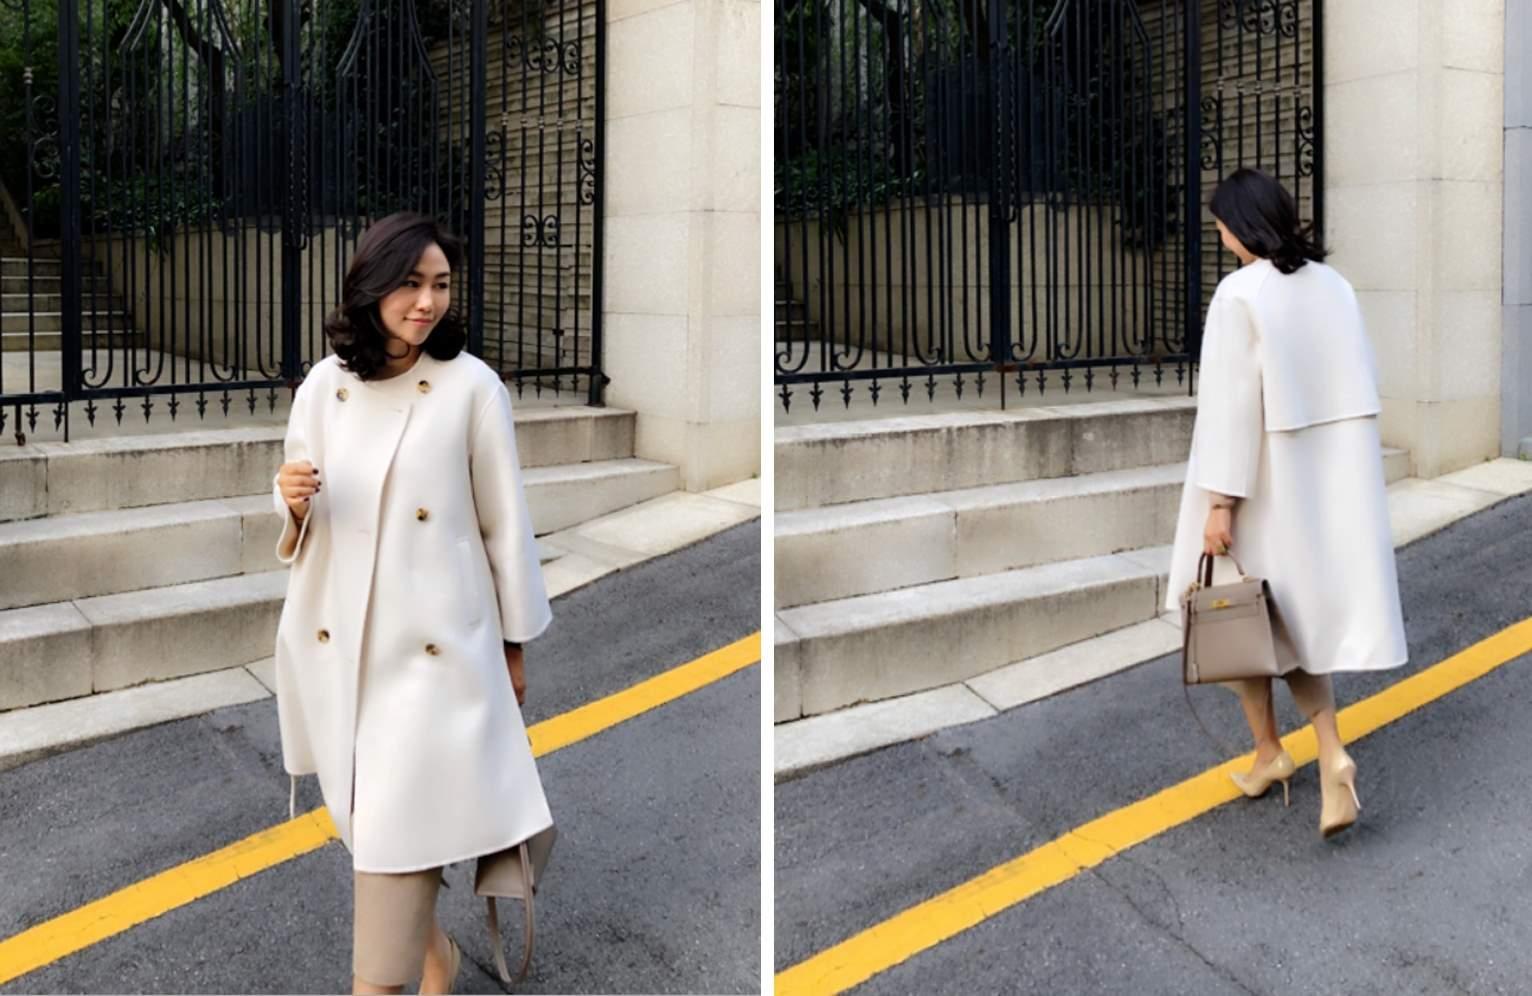 如果對最近流行的oversize大衣沒有興趣,或是每次穿外套會比較注重內搭的話,可以參考看看崔英美(@elegance_choi)的白色A字型外套,就如她的綽號elegance_choi 一般優雅,經典的裝扮,被人稱爲韓國Jacqueline Kennedy的她,設計外套的特點是簡約的線條、凹凸的側開叉和簡潔的立領,如果像開衫一樣披上,則可以展現出幹練的感覺,扣上扣子的話,也就不用煩惱內搭了 !